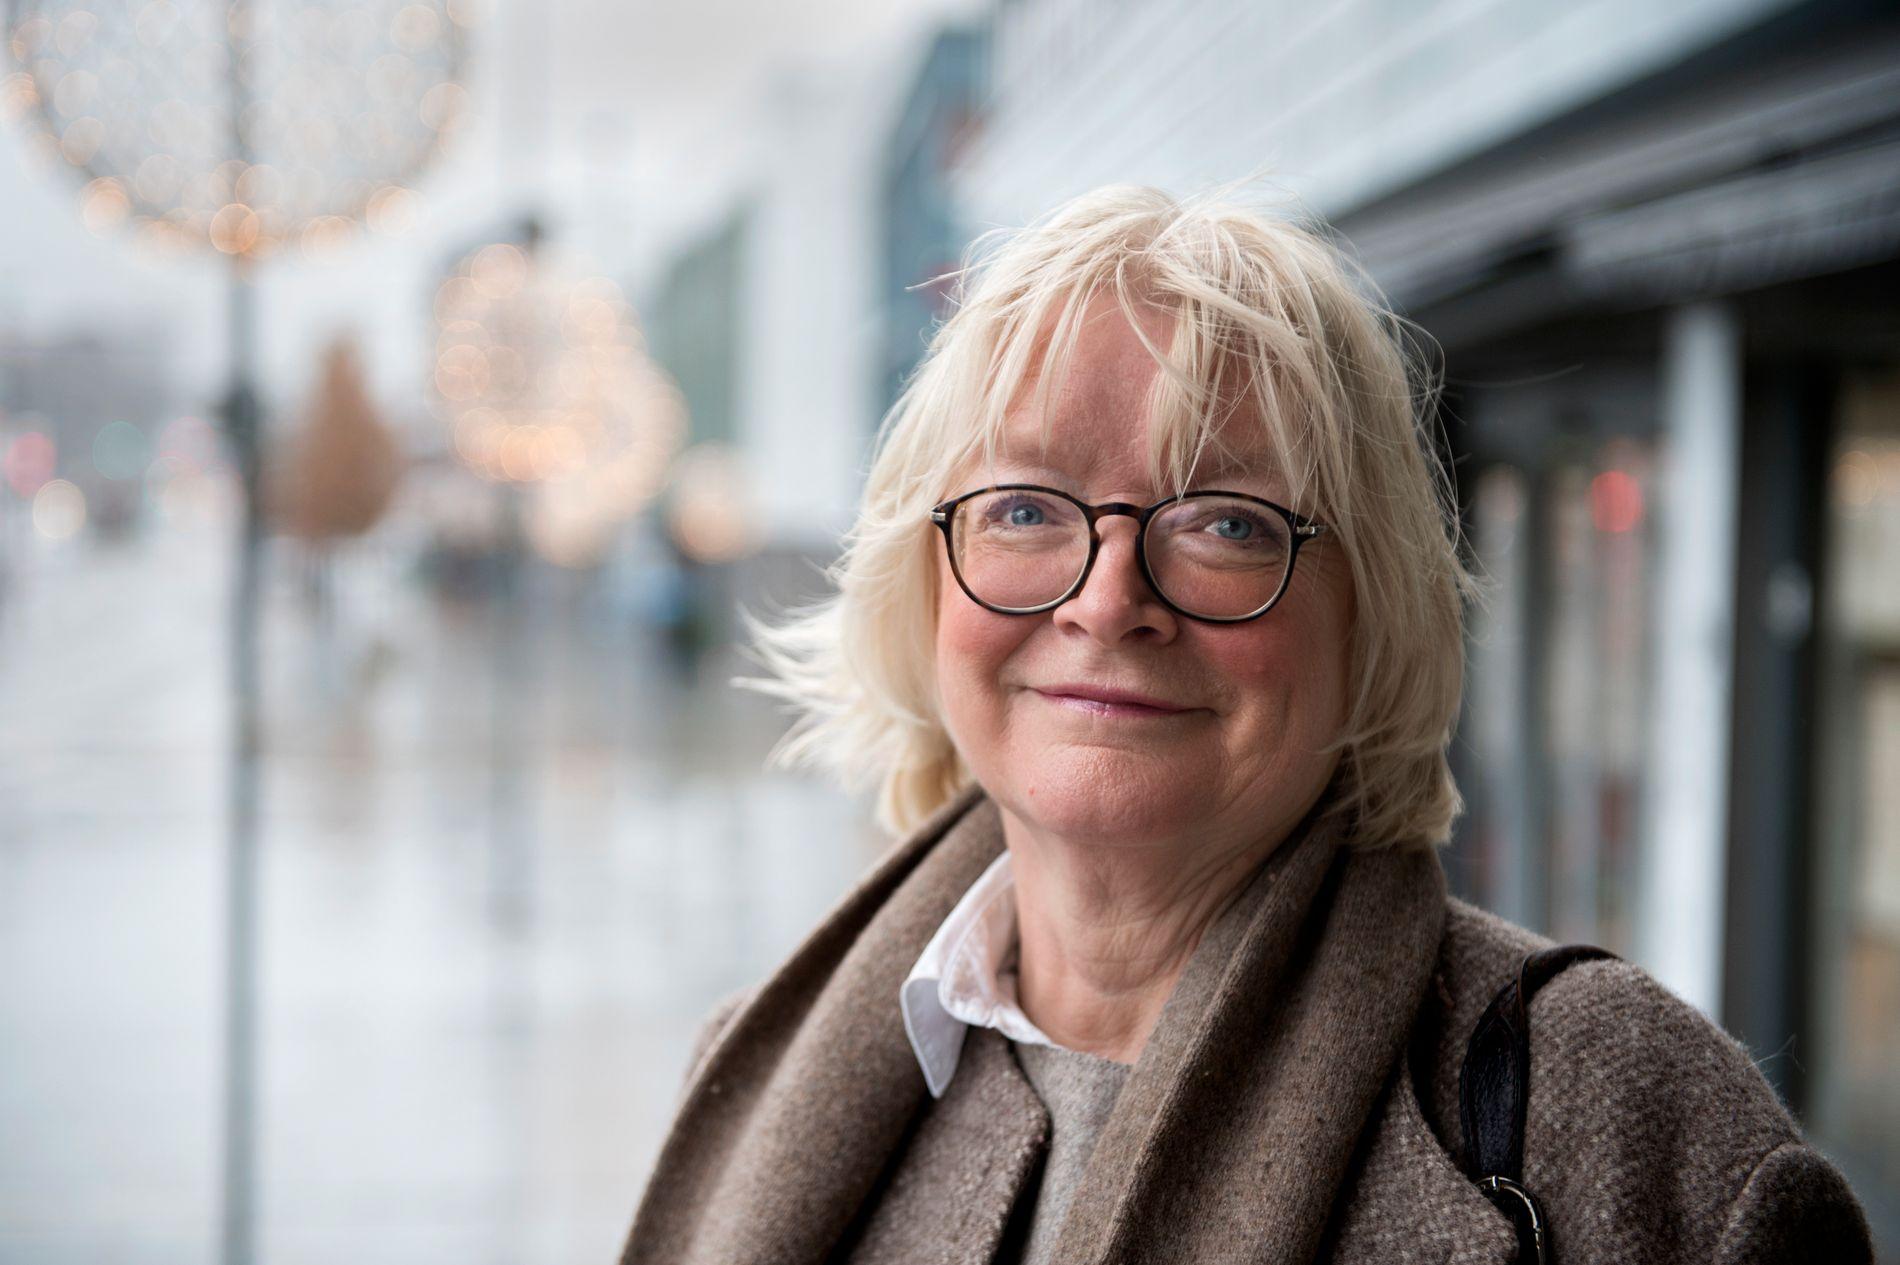 HØGSKULEREKTOR: Bakgrunnen for at vi ønskjer å bli eit universitet er at vi vil ruste oss for framtida og levere betre utdanningar og forsking i alle regionane våre, skriv rektor Berit Rokne på Høgskulen på Vestlandet.